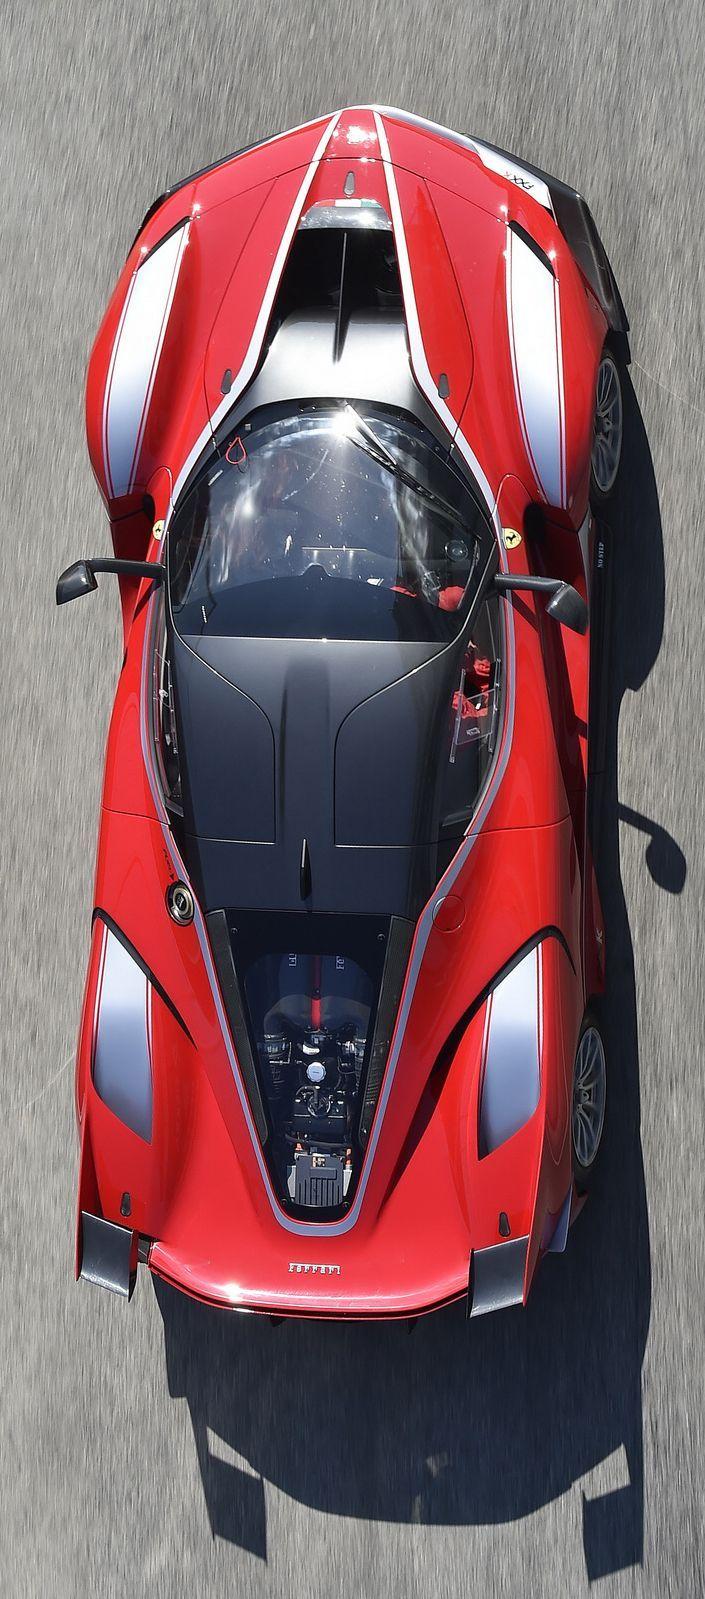 Ferrari Laferrari FXX K - https://www.luxury.guugles.com/ferrari-laferrari-fxx-k-7/